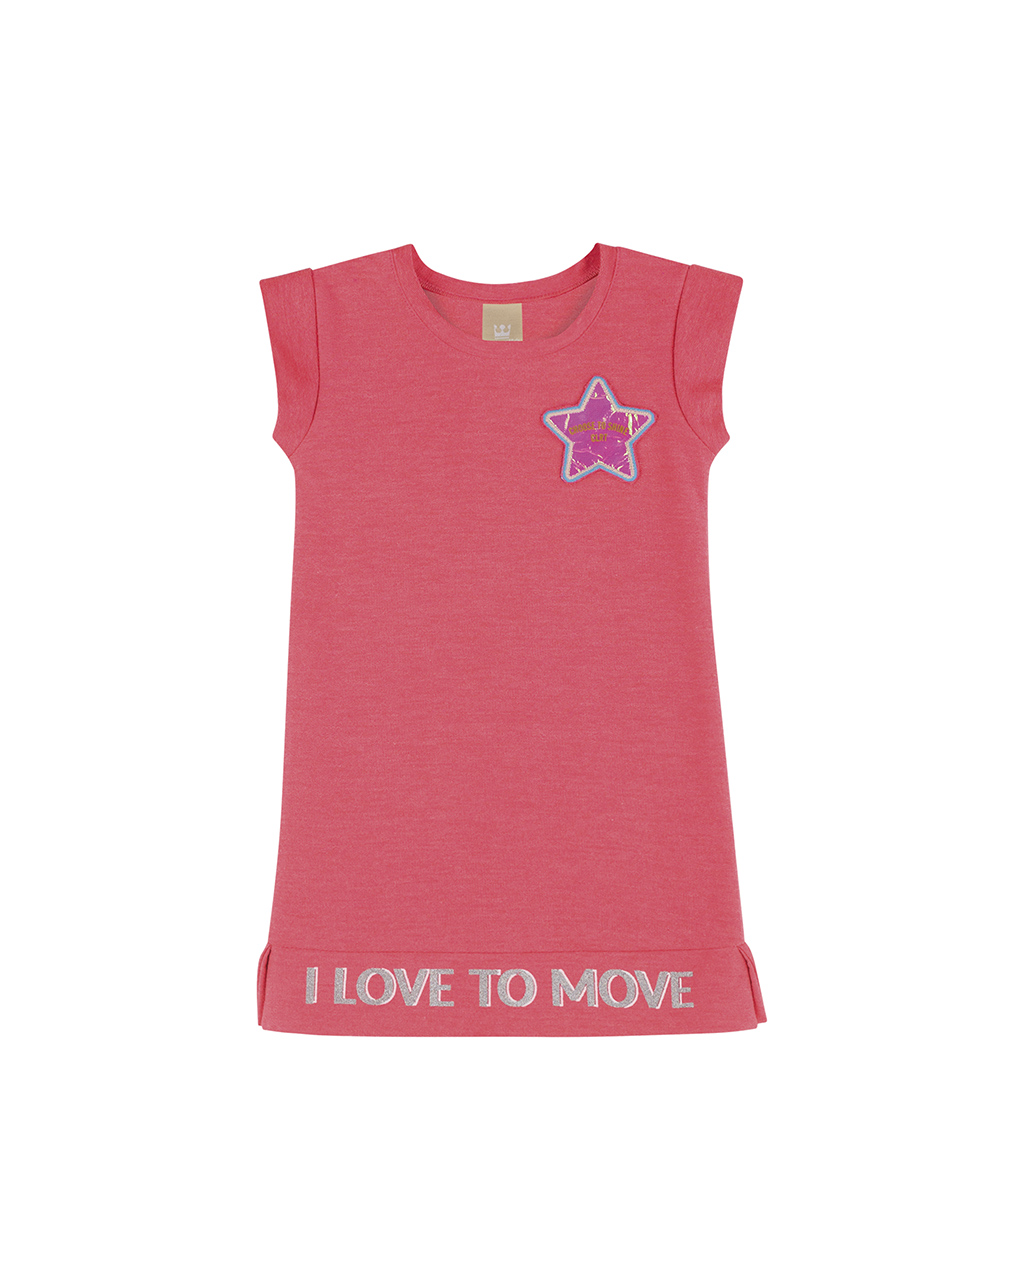 Vestido Infantil Rosa I Love To Move Colorittá